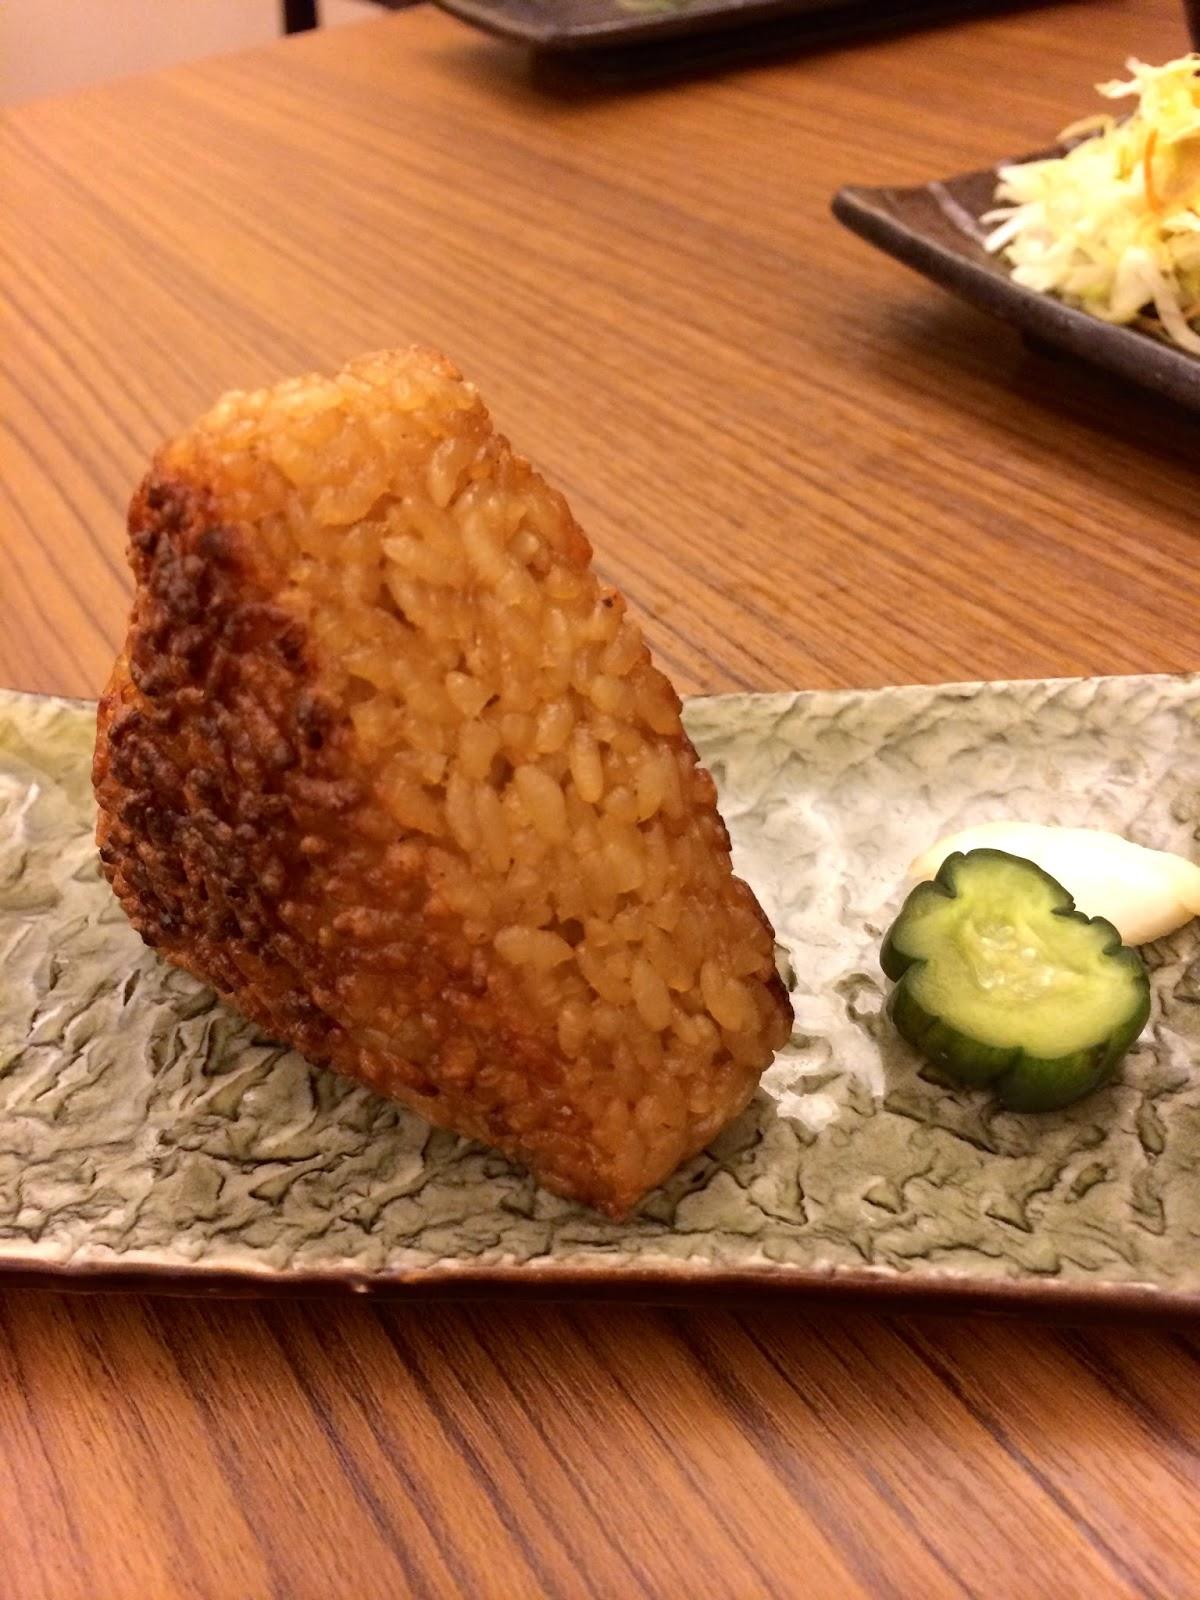 ♥高雄三多站♥田舍慎太郎~日本人開的日本料理店!連米飯也很日本的好吃!(2017/4歇業)